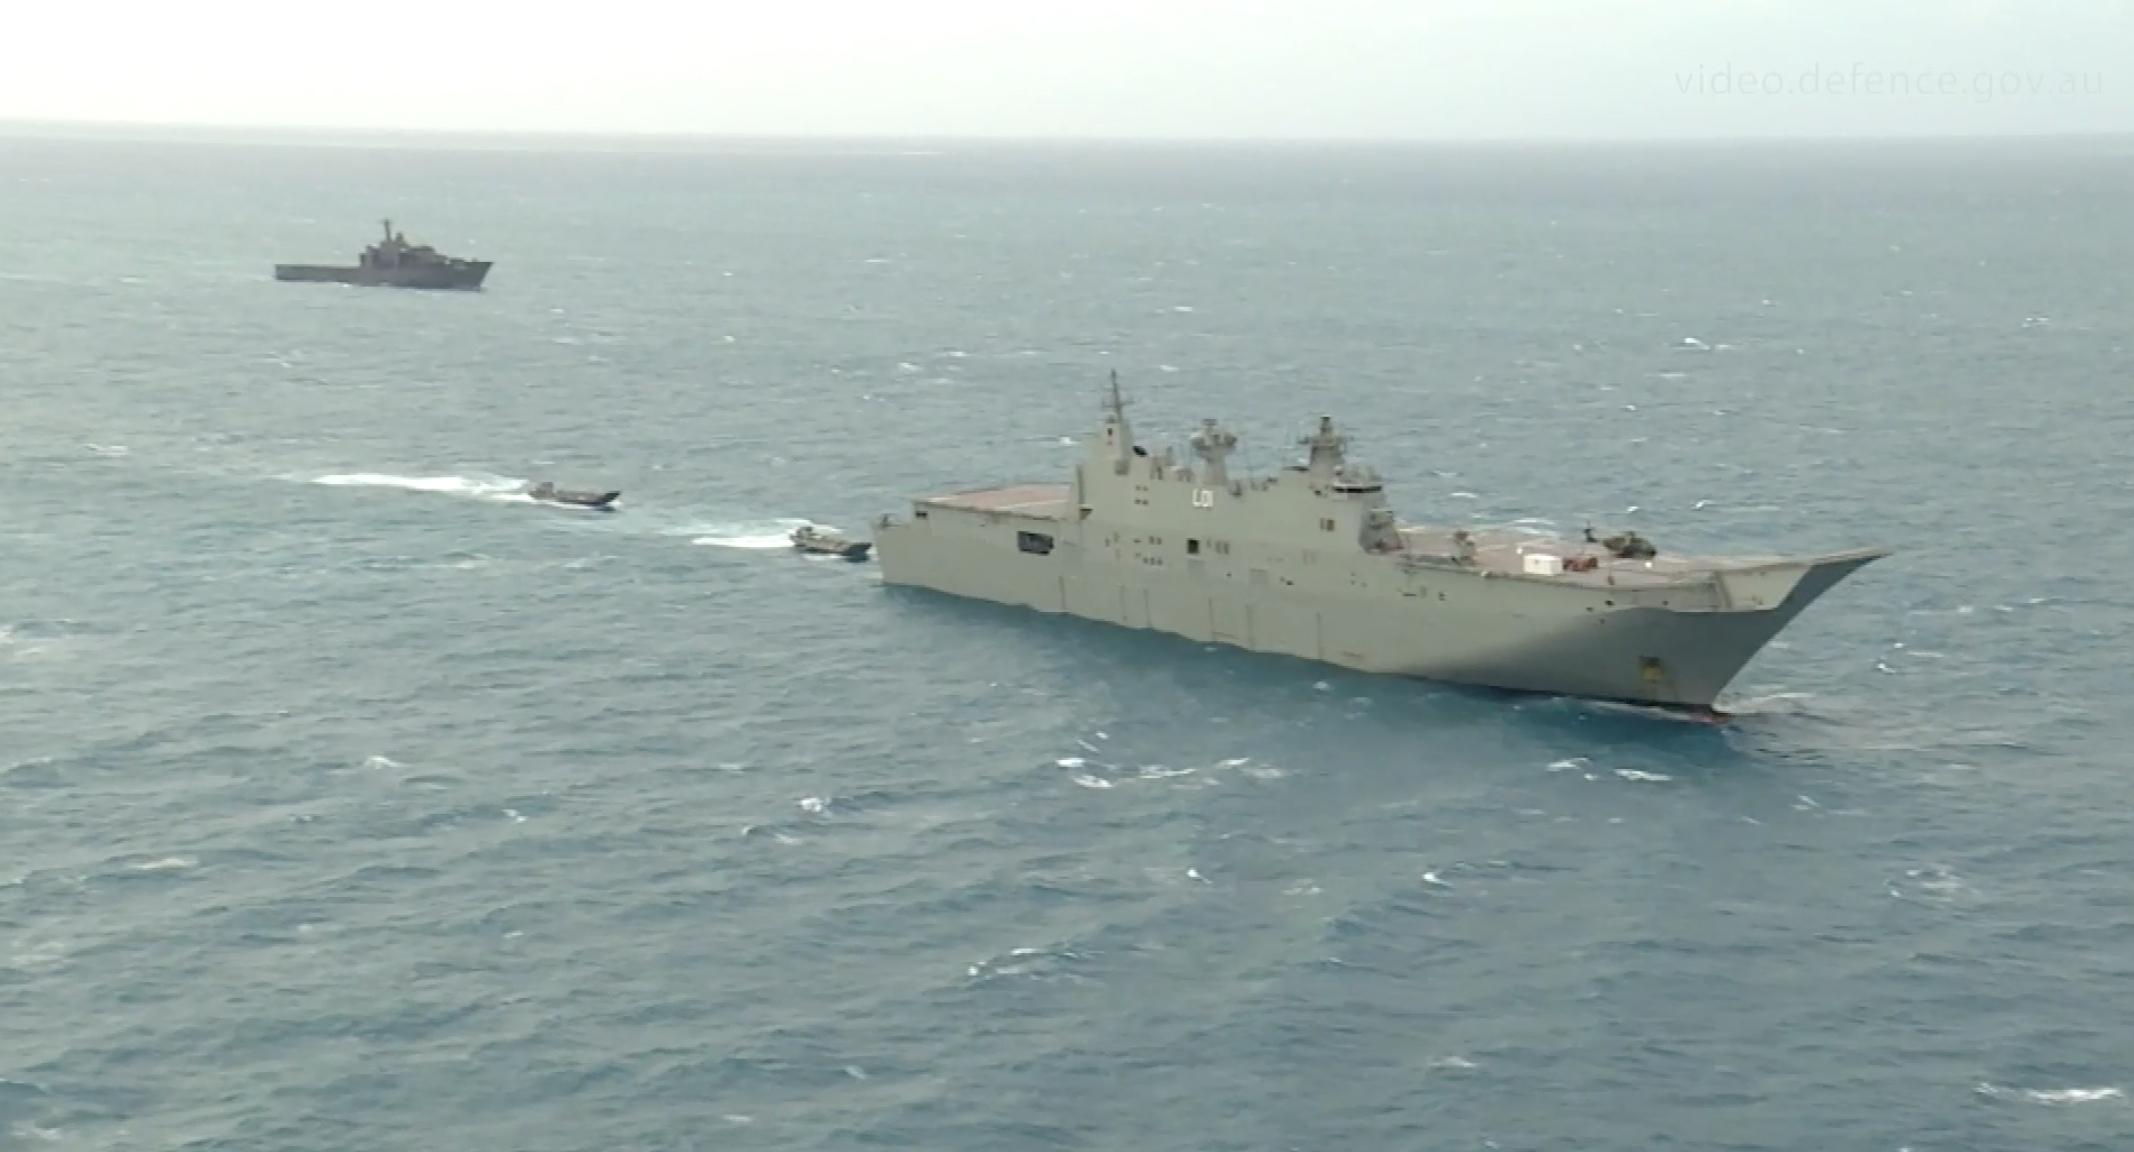 去年代號為「印度-太平洋奮進2017」的澳洲海軍演習畫面。(澳洲海軍)